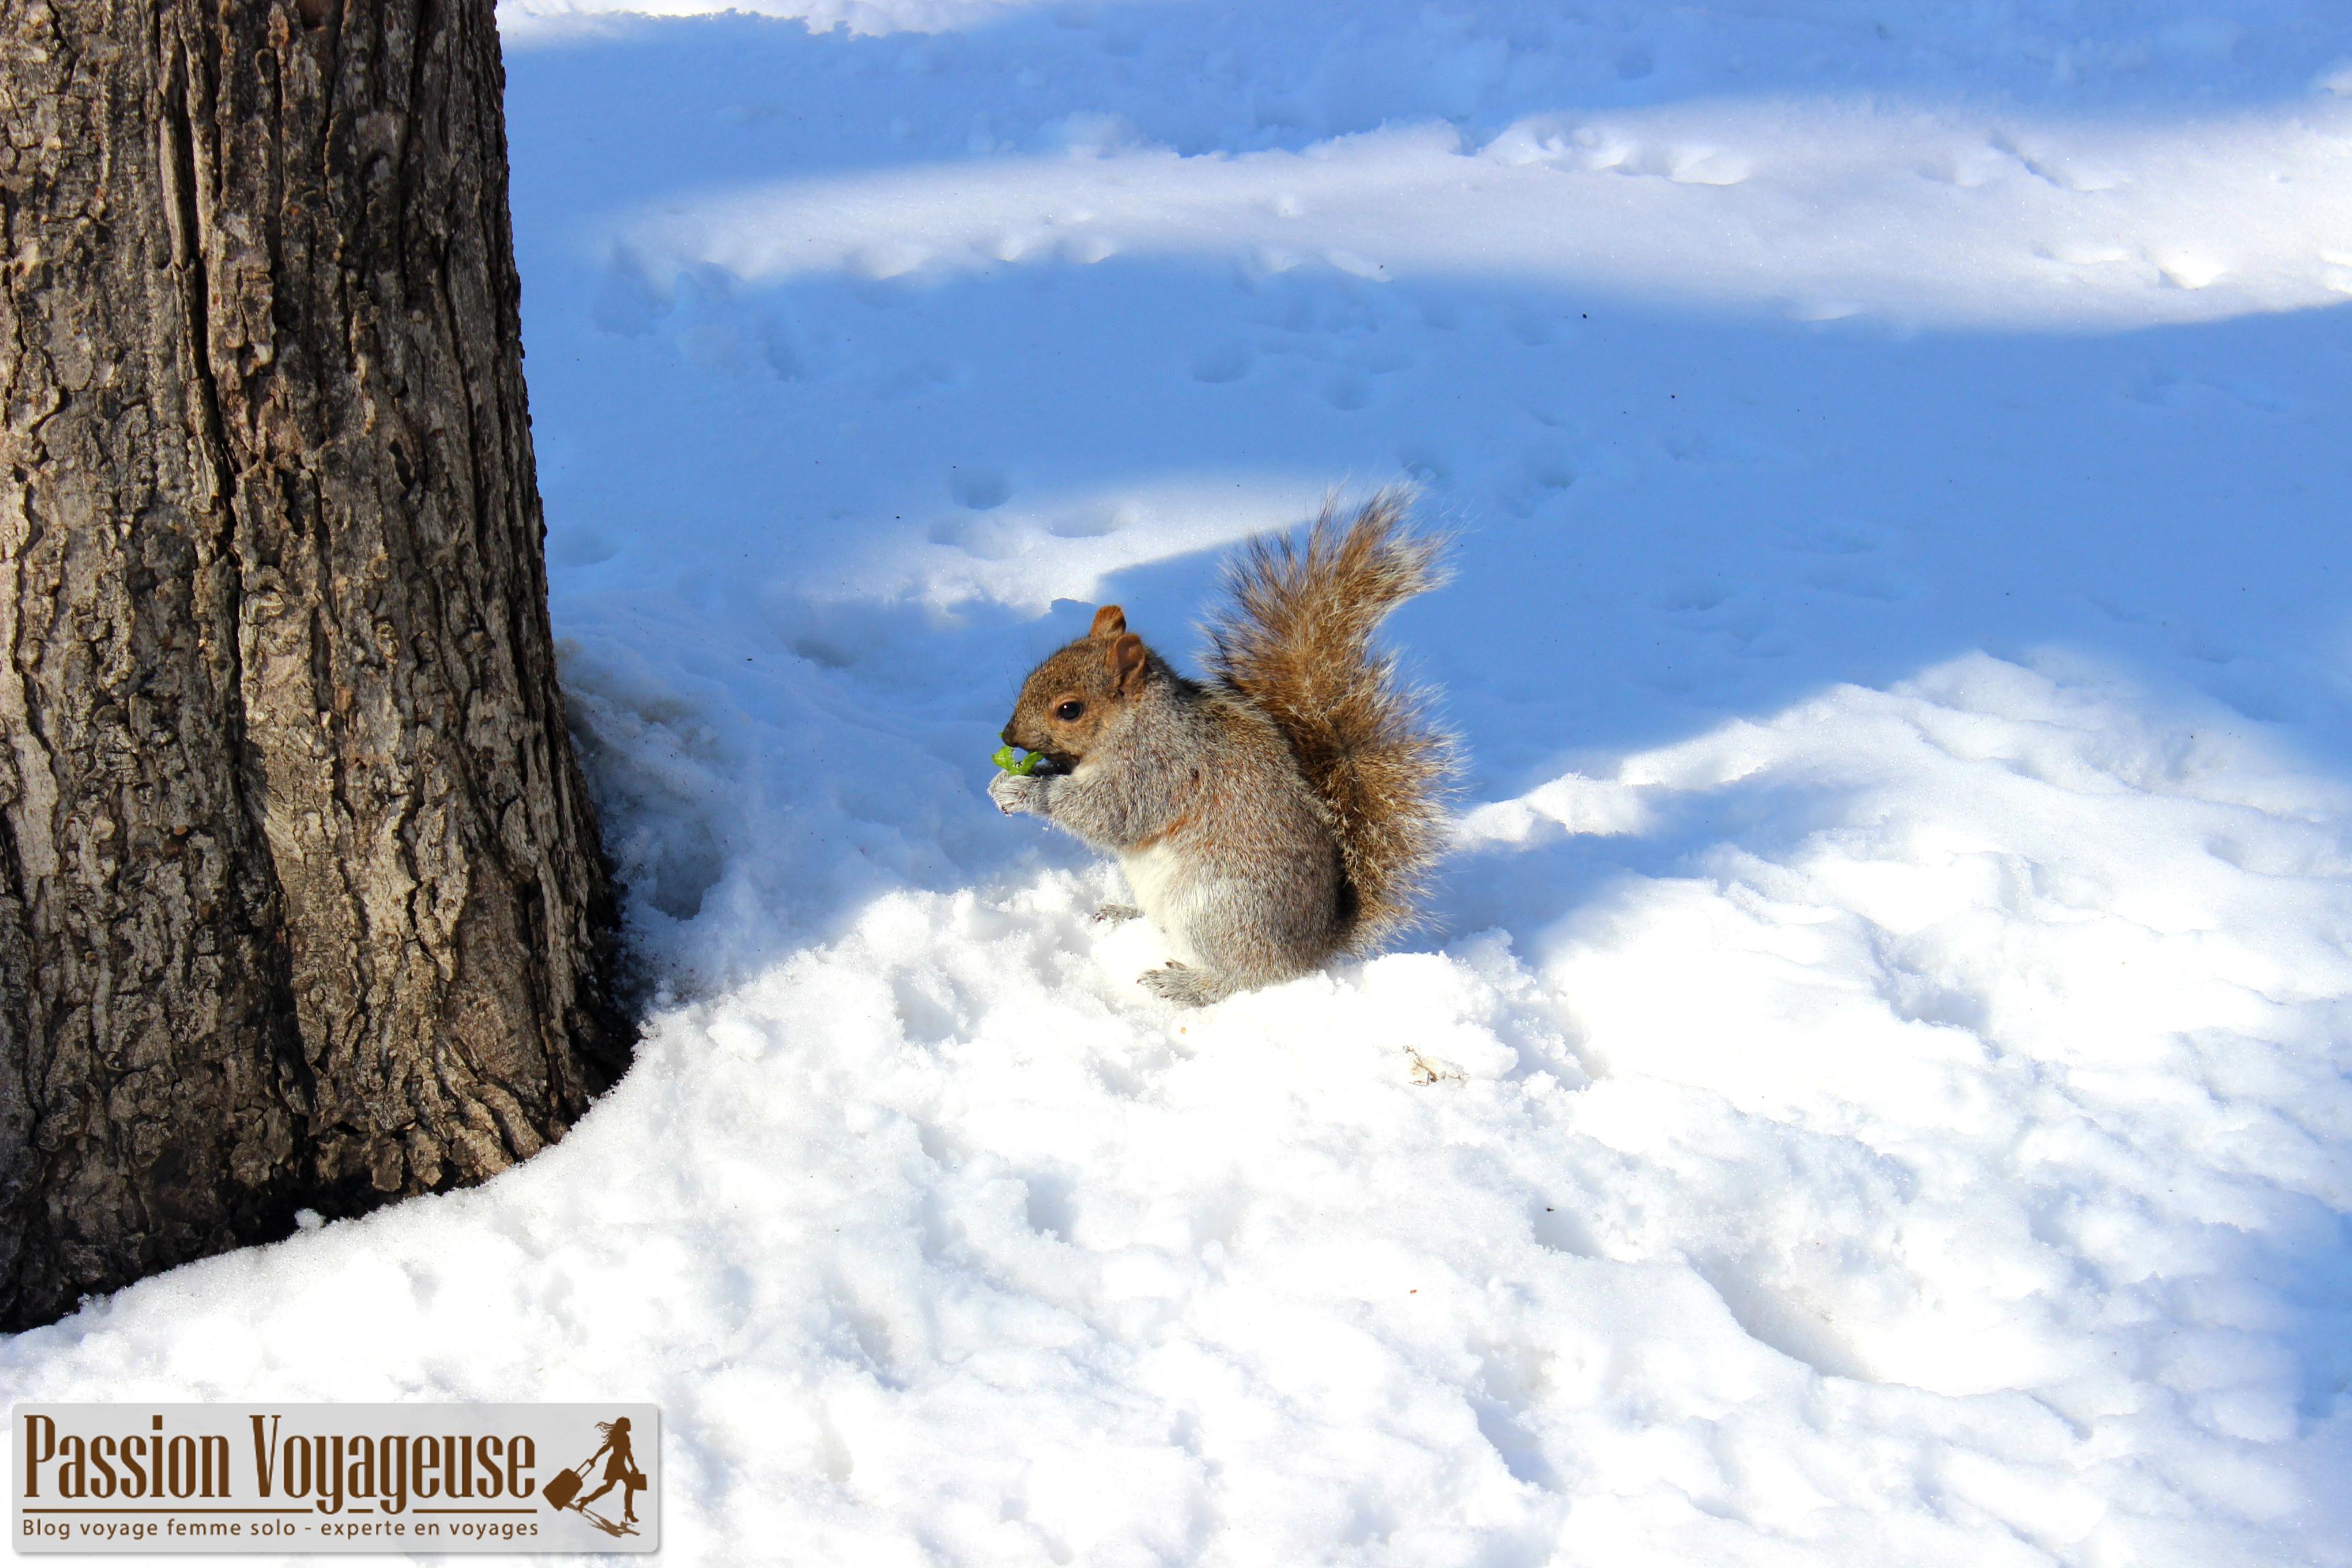 écureuil parc lafontaine montreal canada hiver